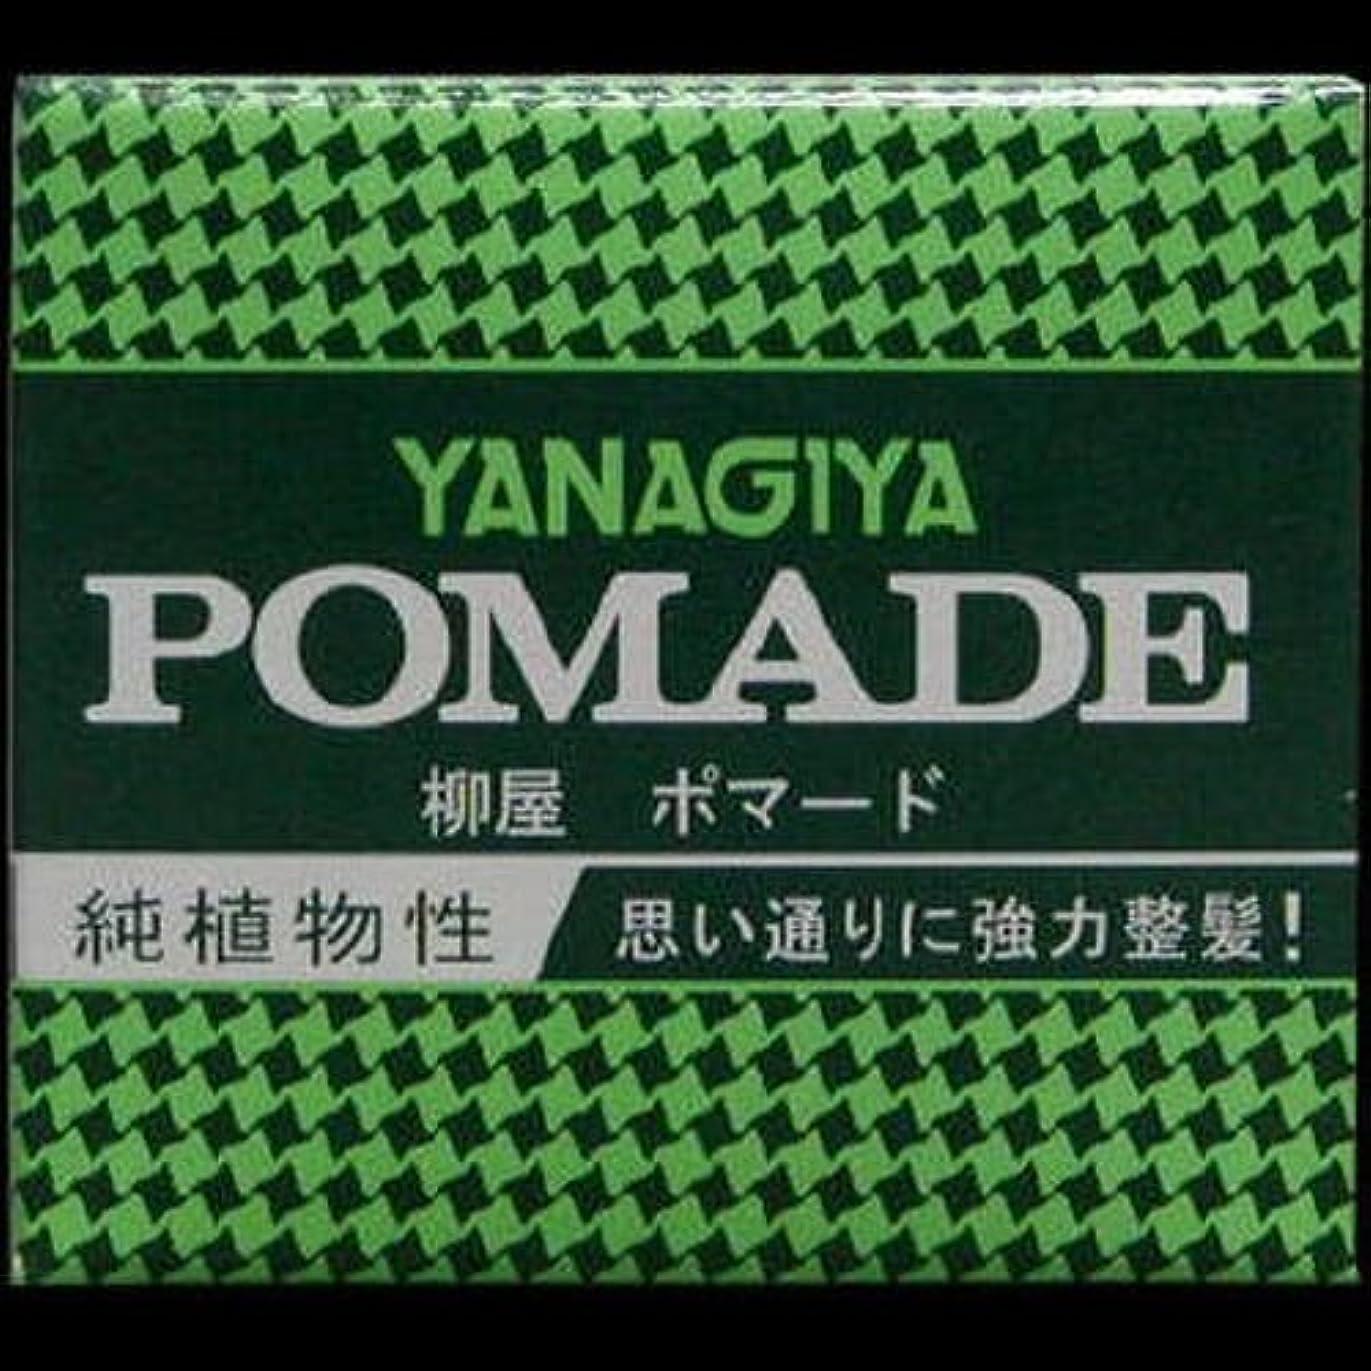 味わう眠り大量【まとめ買い】柳屋 ポマード小 63g ×2セット